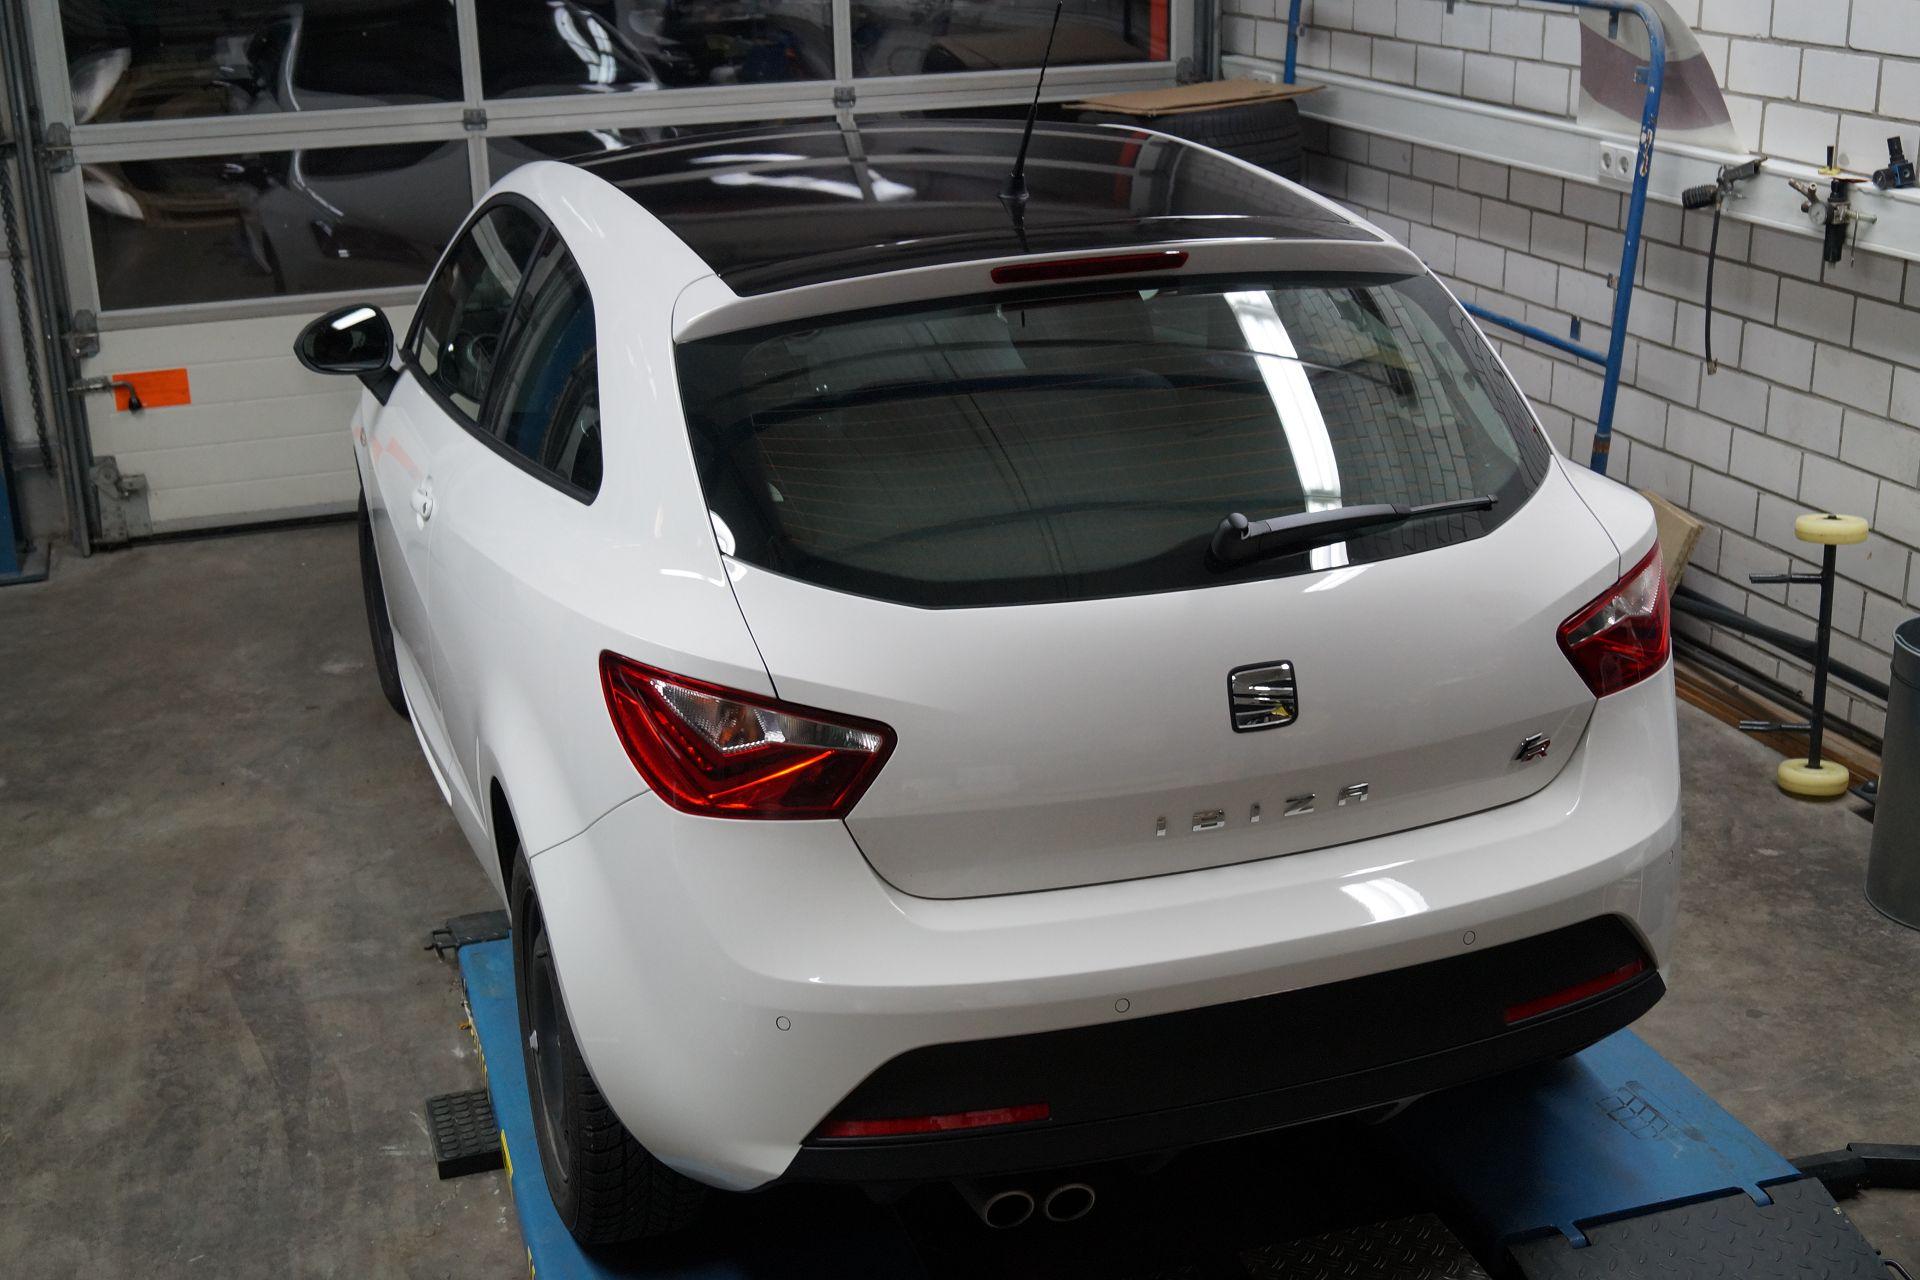 Seat Ibiza Folierung Dach Sticker Werk Dsc06522 Sticker Werk